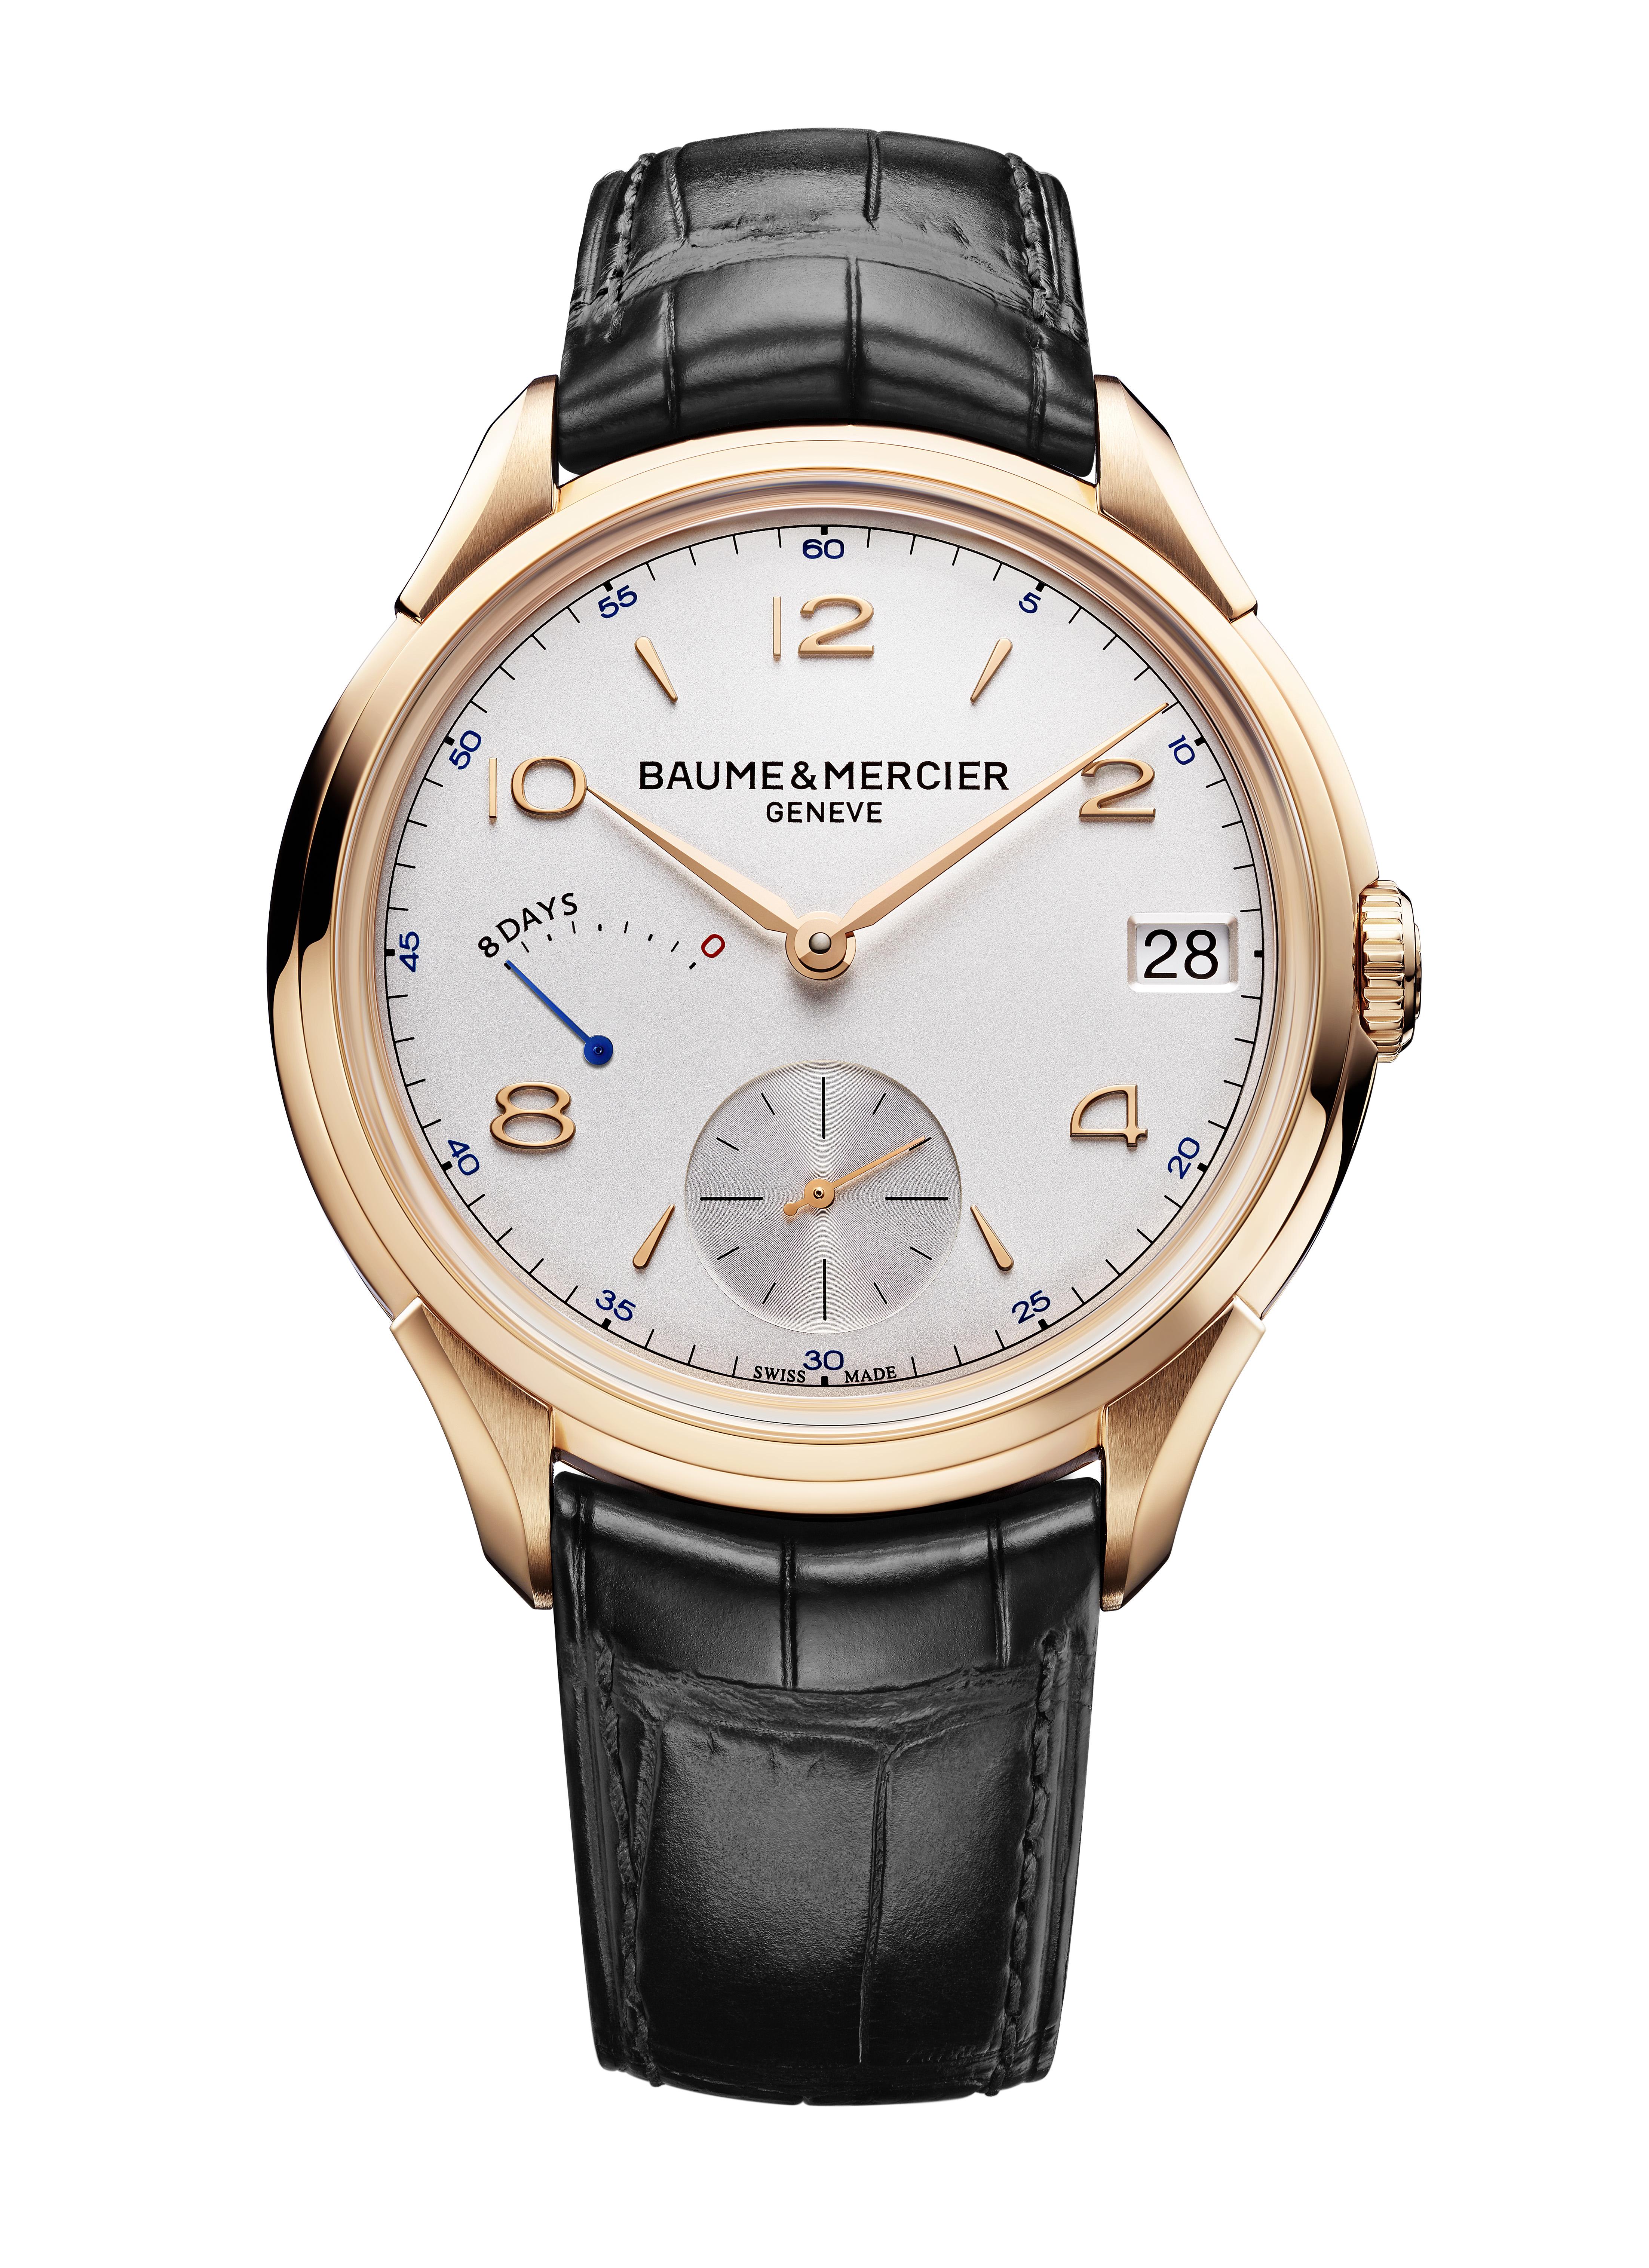 Une montre symbole pour Célébrer les 185 ans d'expertise de la maison Baume & Mercier